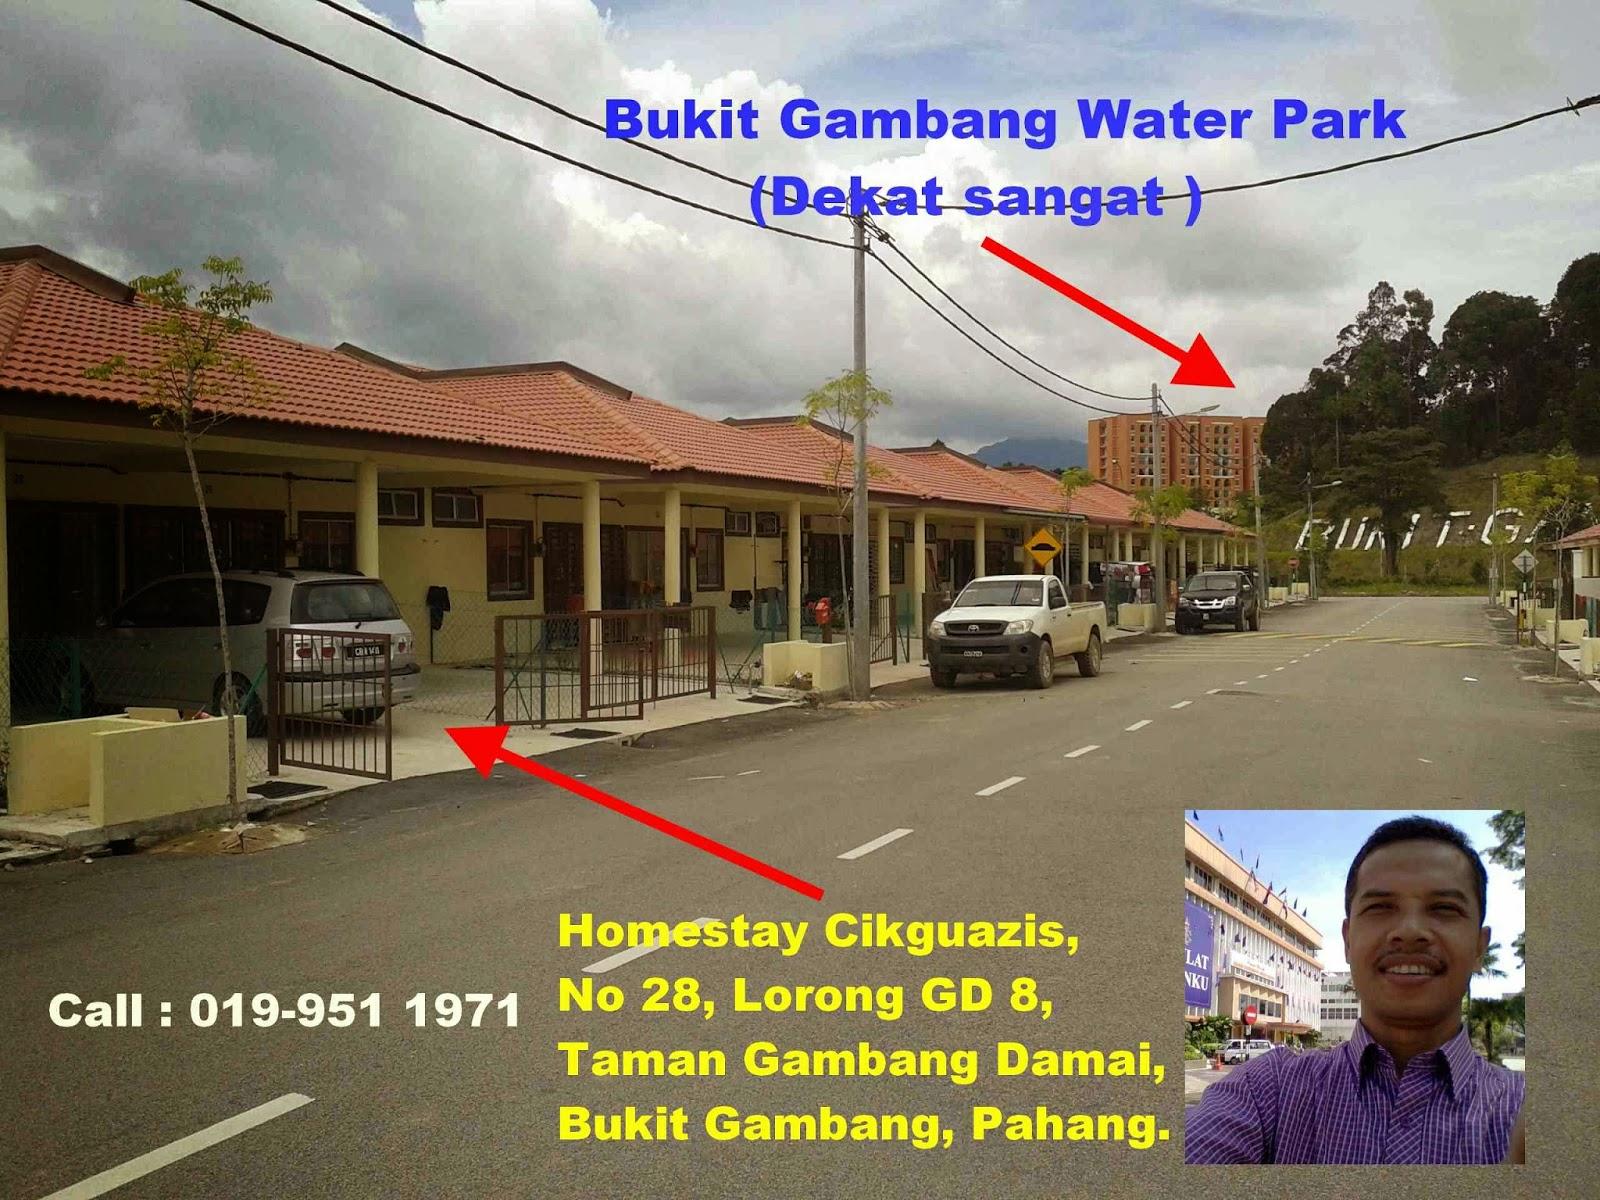 Homestay Murah Di Bukit Gambang RM165 Satu Malam Call Cikguazis 019 951 1971 Dua Boleh Kurang Lagi 7 Hari Seminggu Harga Sewa Sama